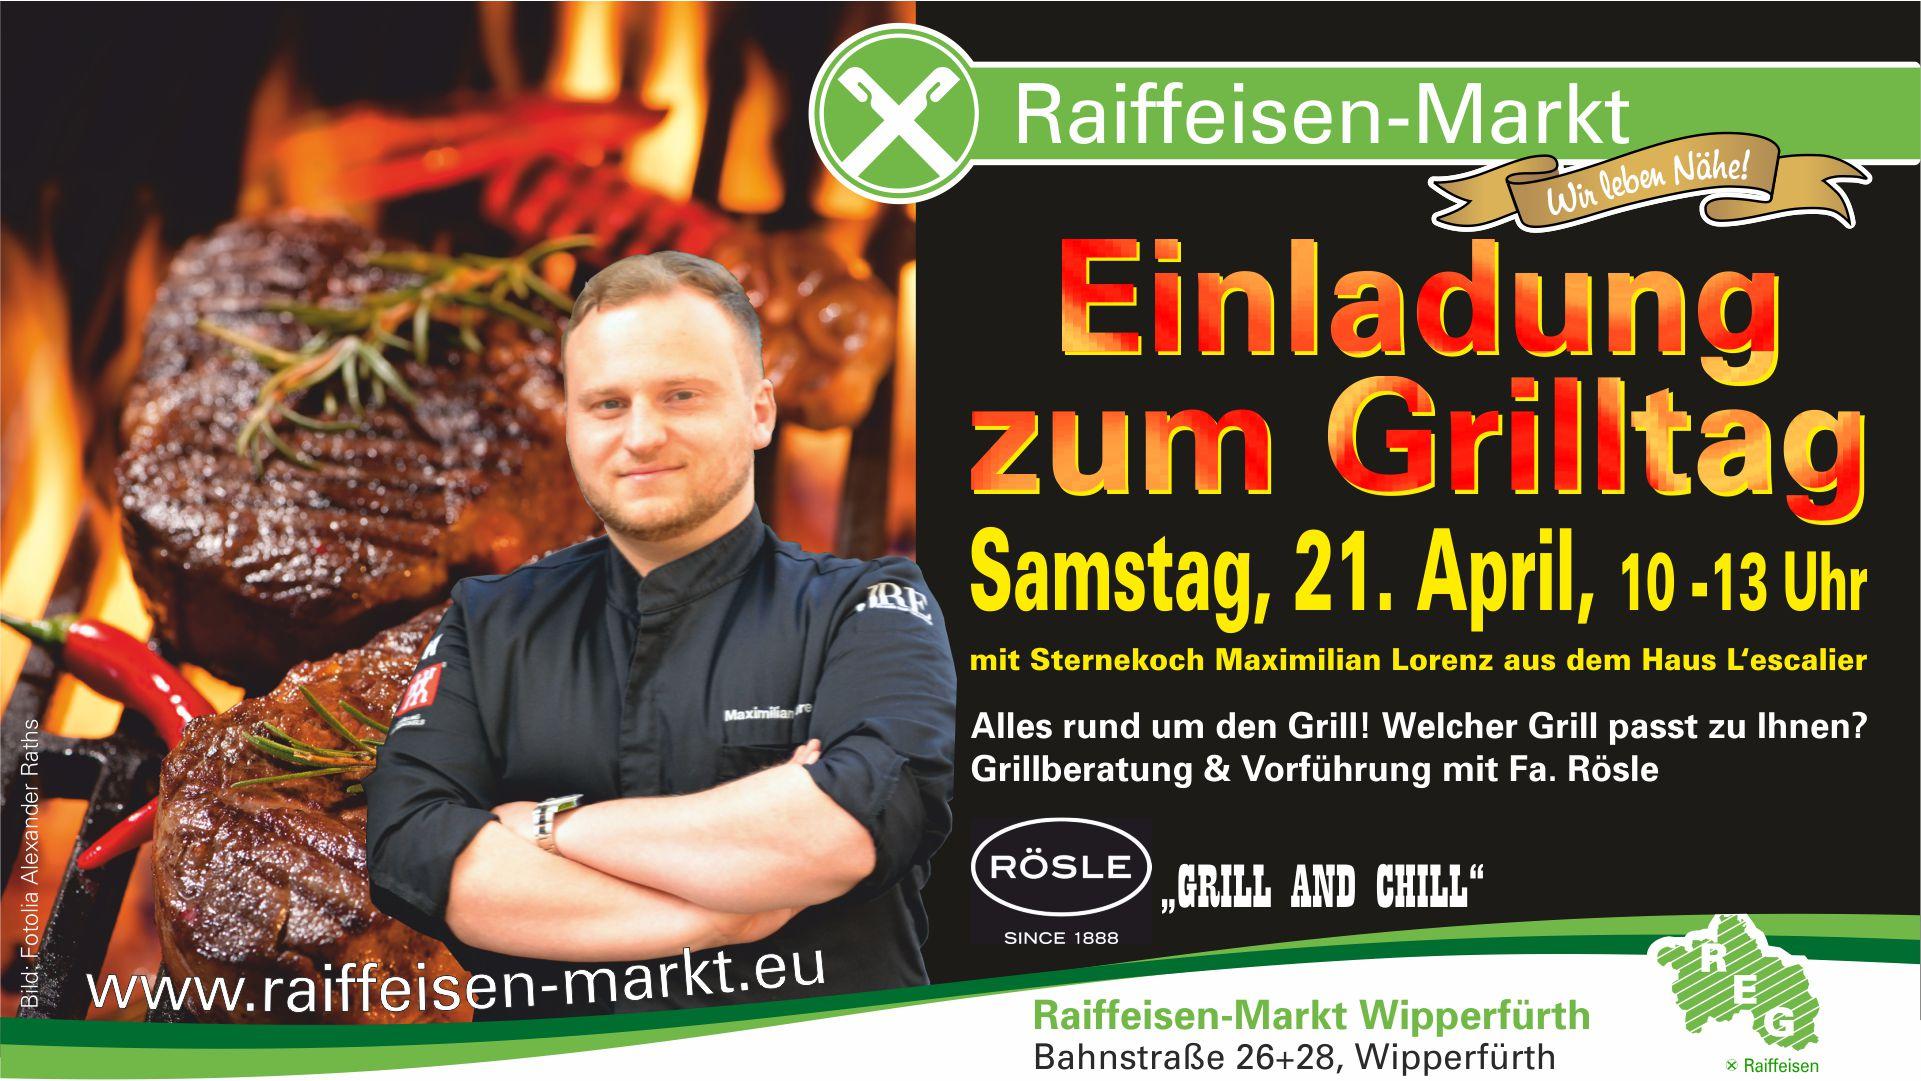 Einladung zum Grilltag Raiffeisen-Markt Wipperfürth